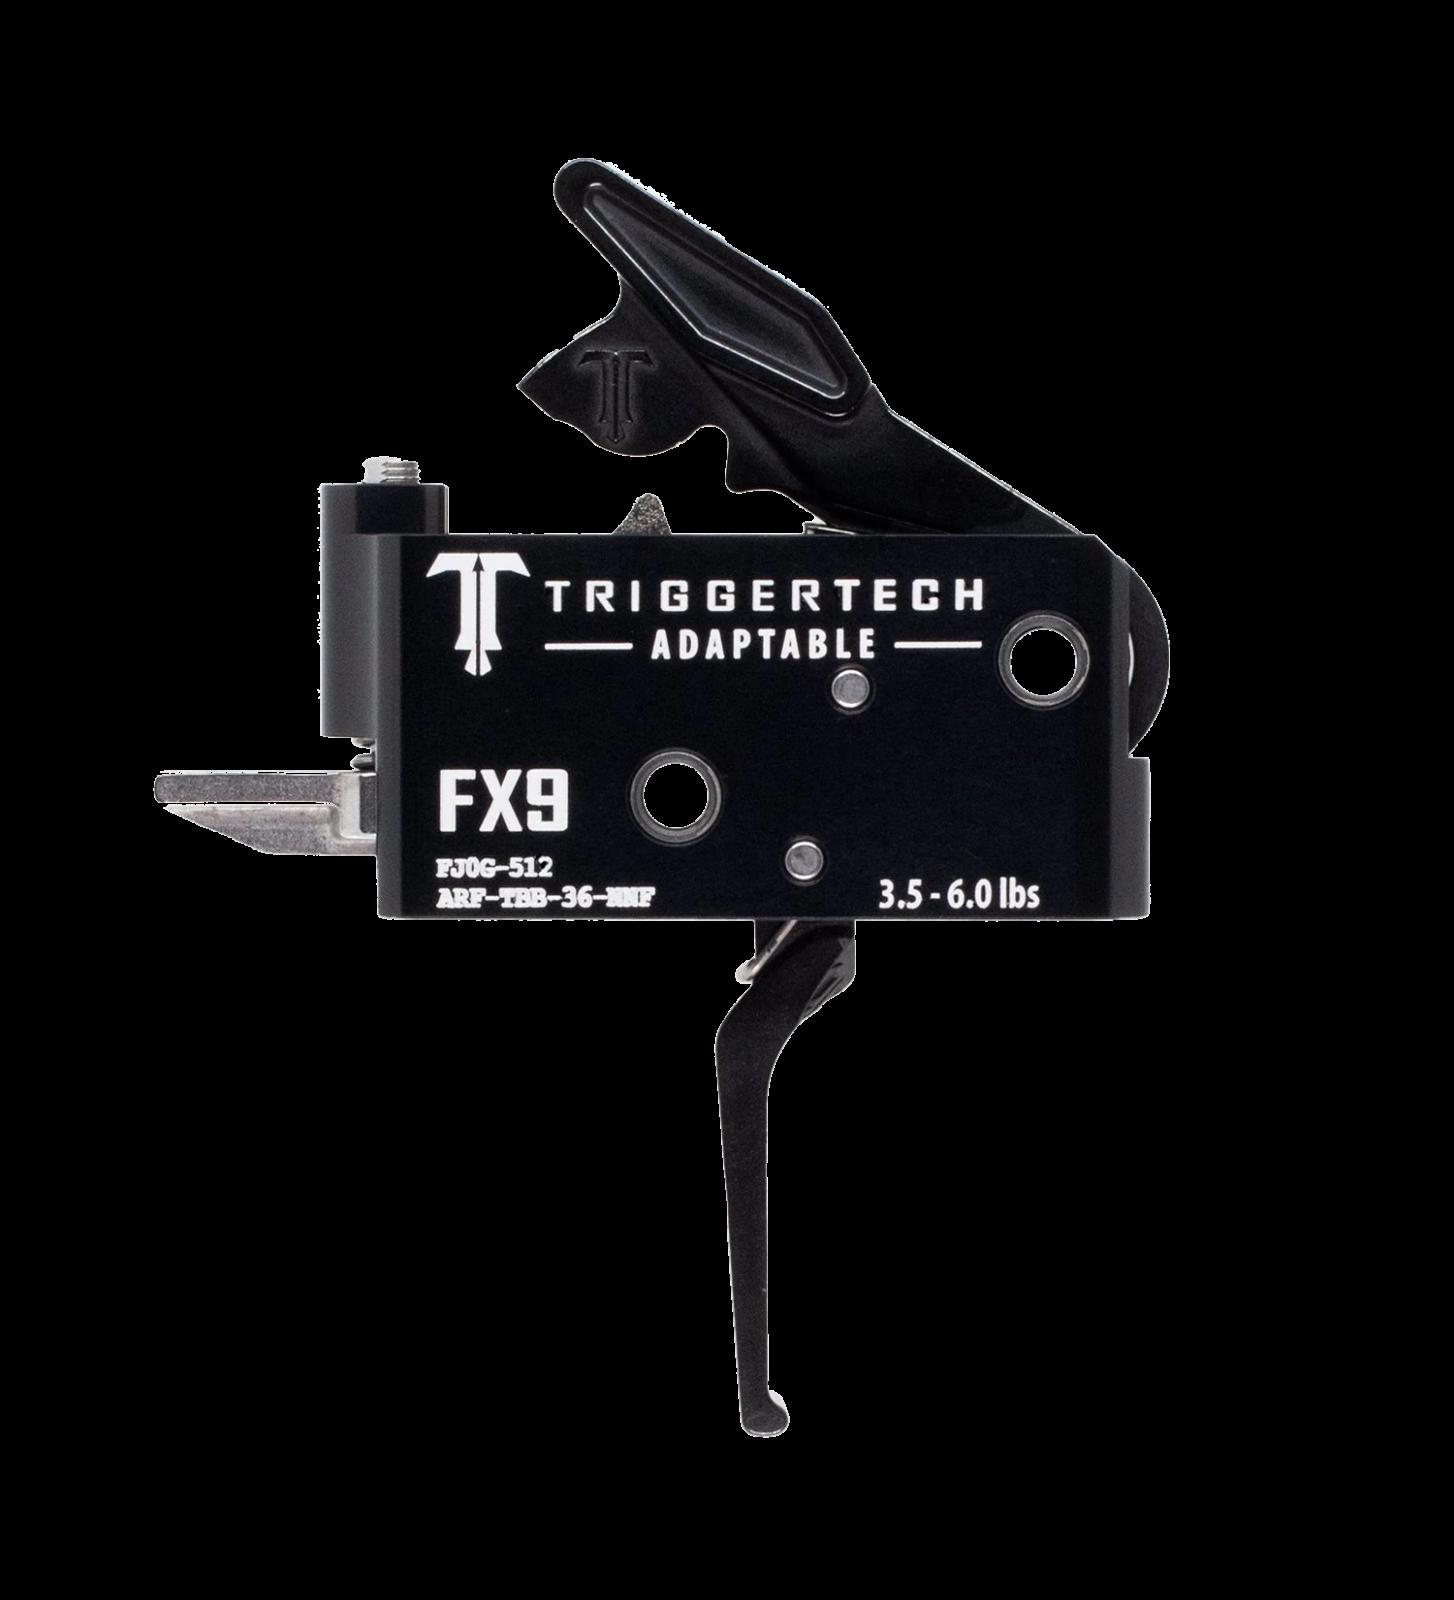 Spoušť TriggerTech FX9 Adaptable - rovná, černá